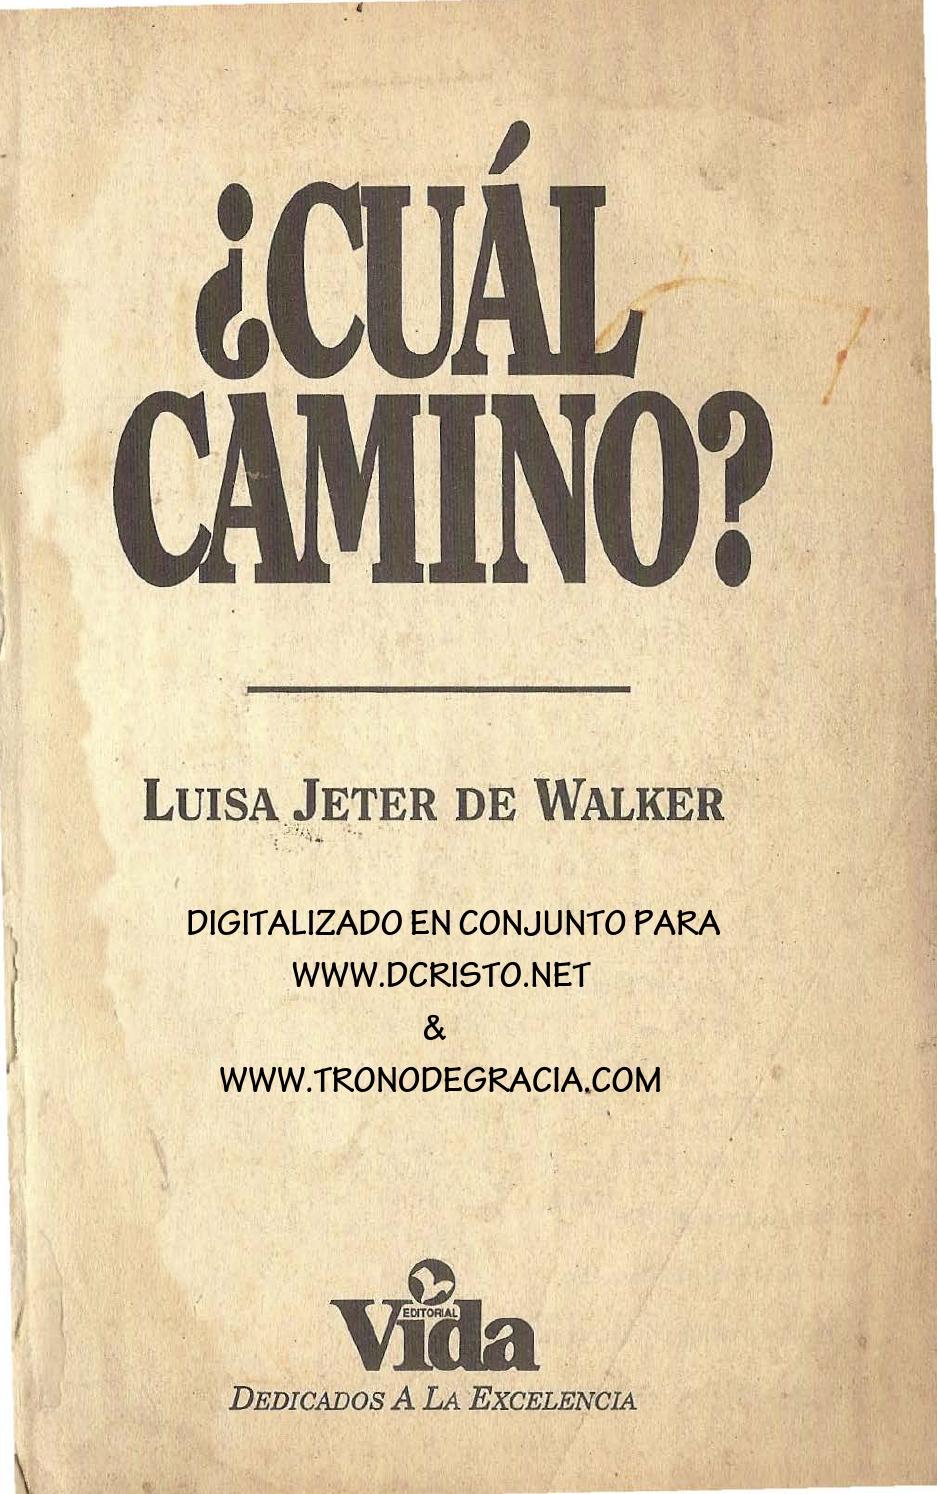 cual camino luisa jeter de walker by Yale_novax_vastago_2850 - issuu